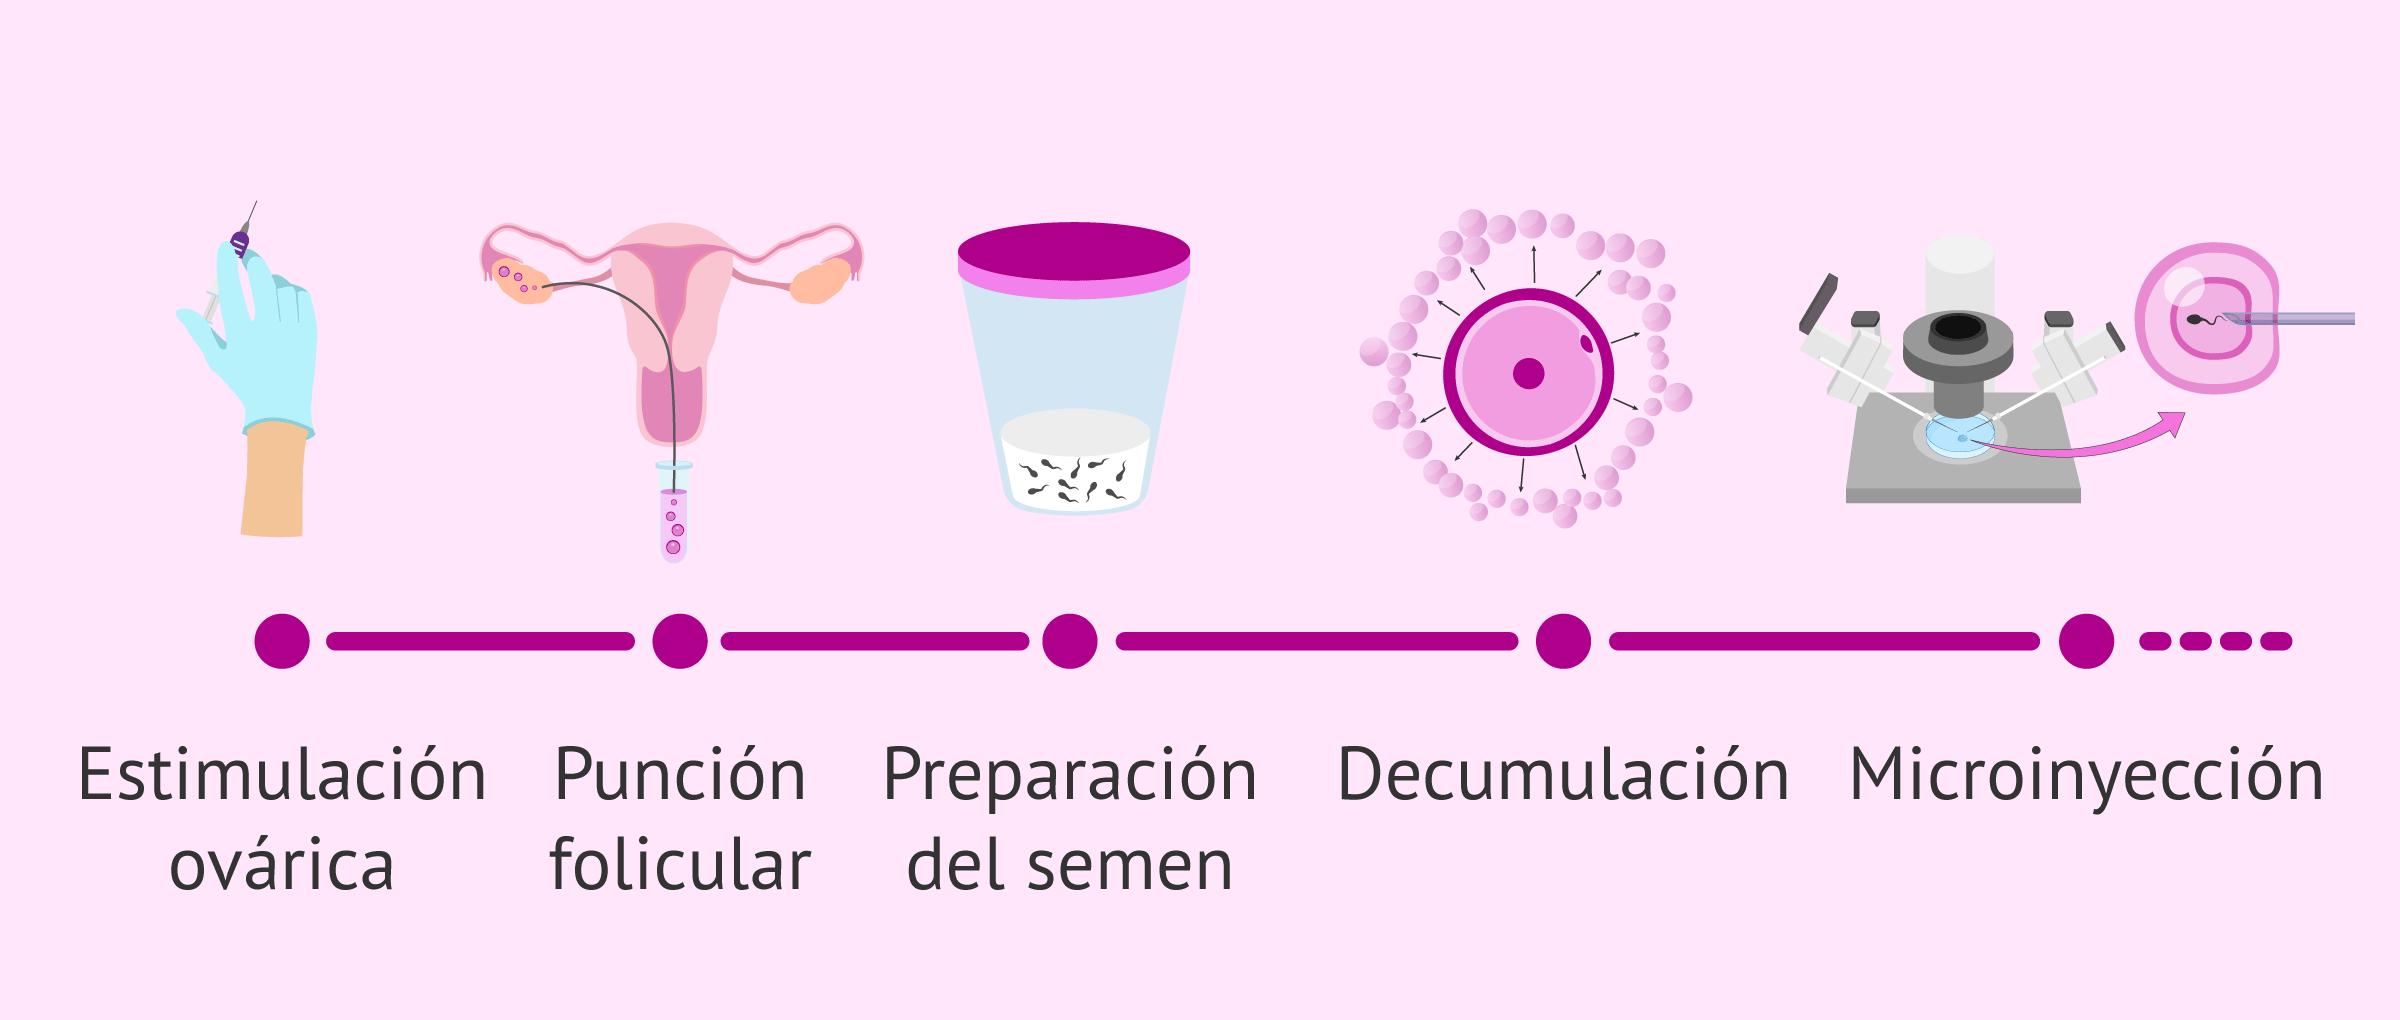 ¿Qué es la ICSI o inyección intracitoplasmática de espermatozoides?